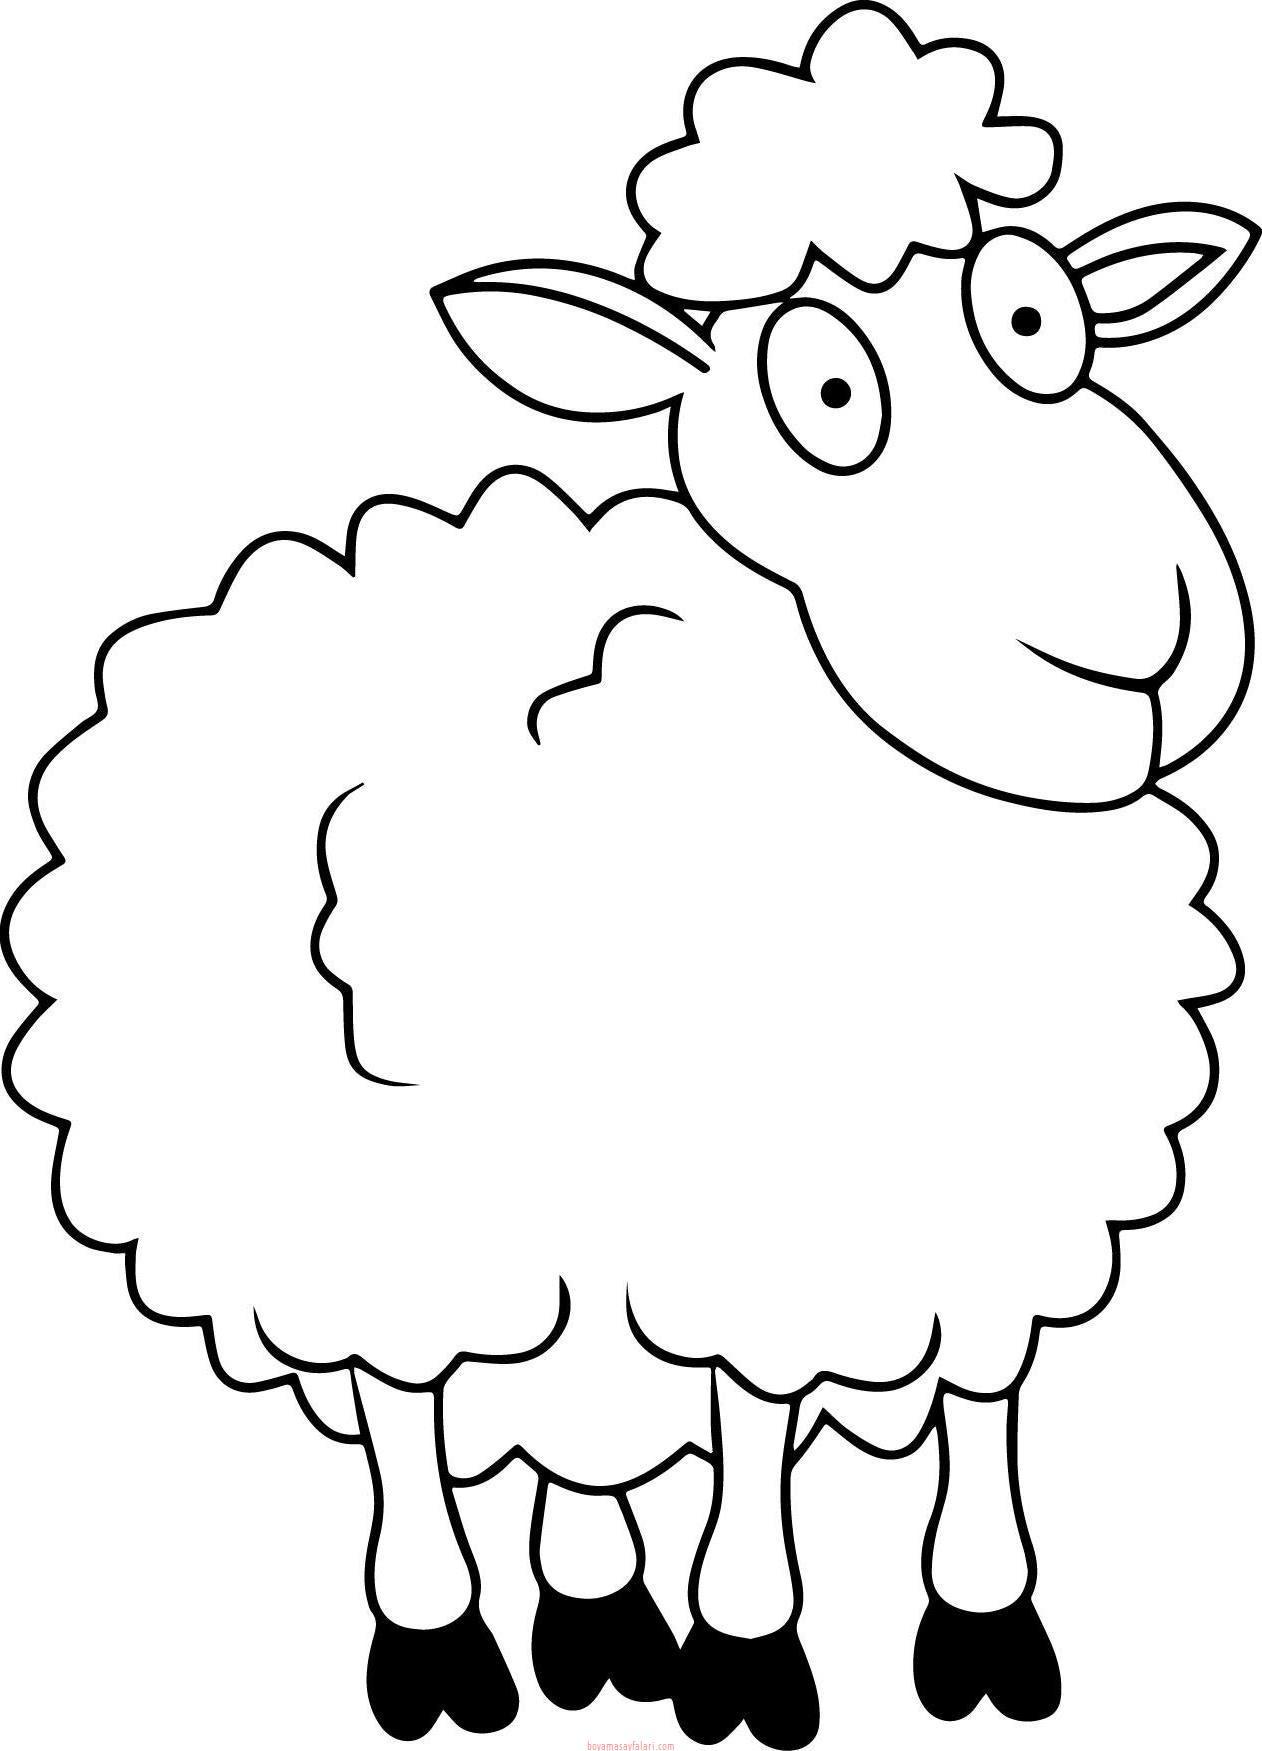 Koyun Boyama 6 Sınıf öğretmenleri Için ücretsiz özgün Etkinlikler